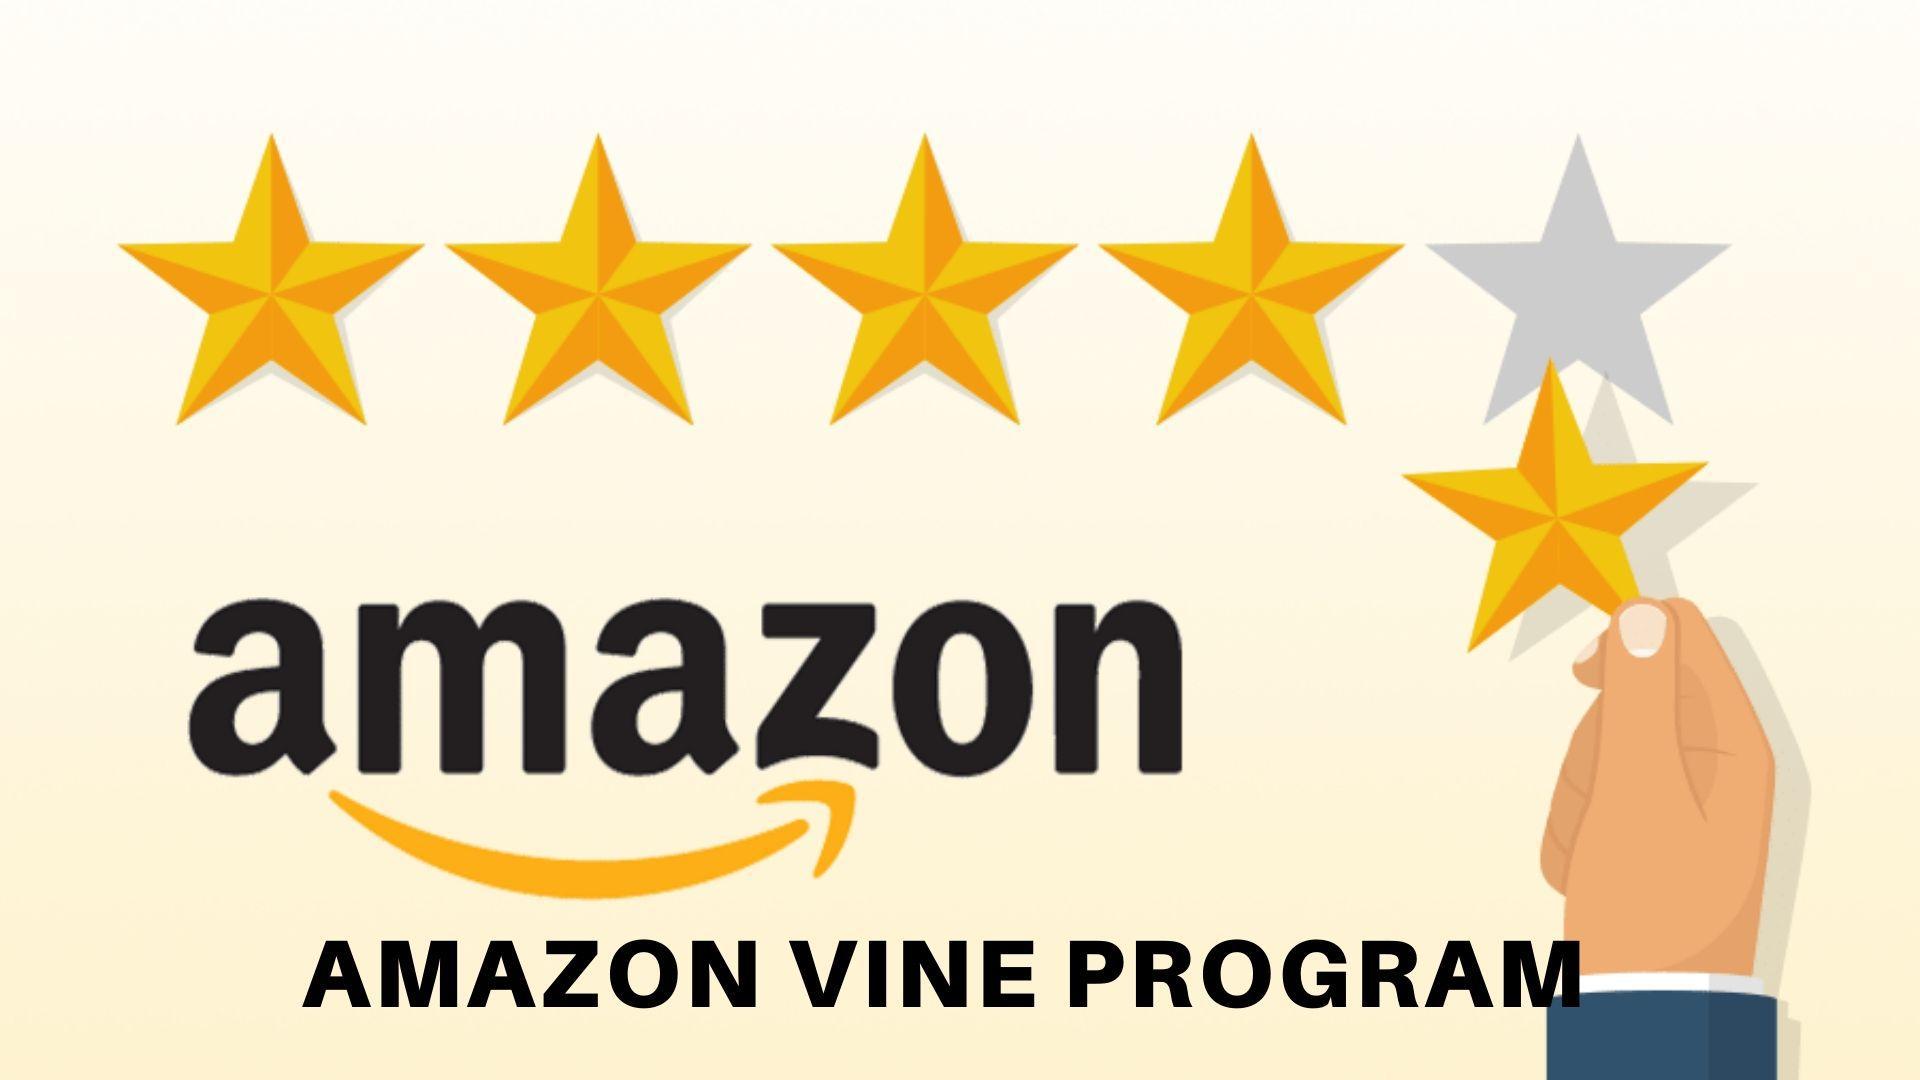 Amazon Vine Program.png